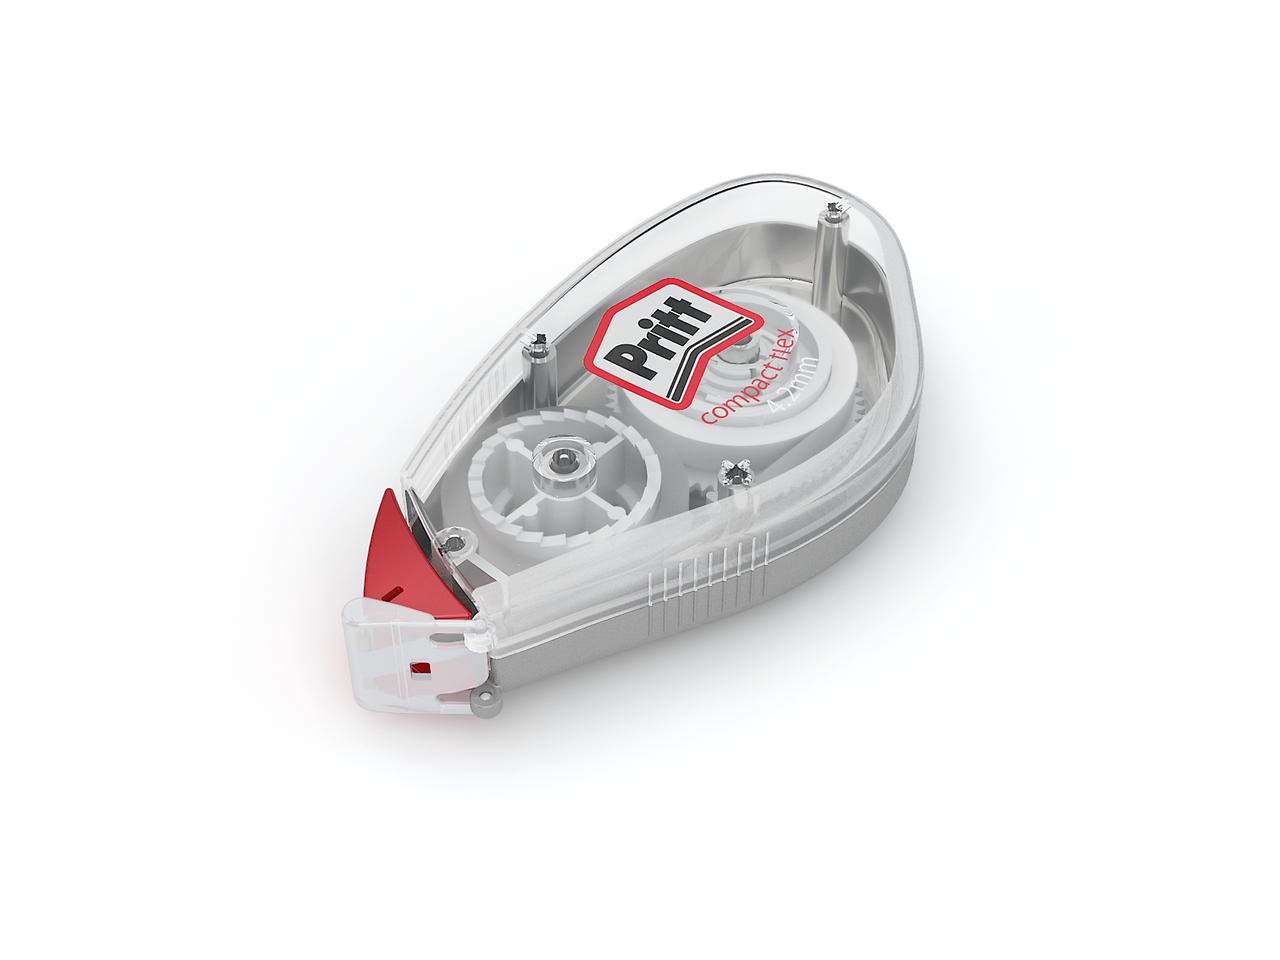 Pritt Roller Corrector Compact